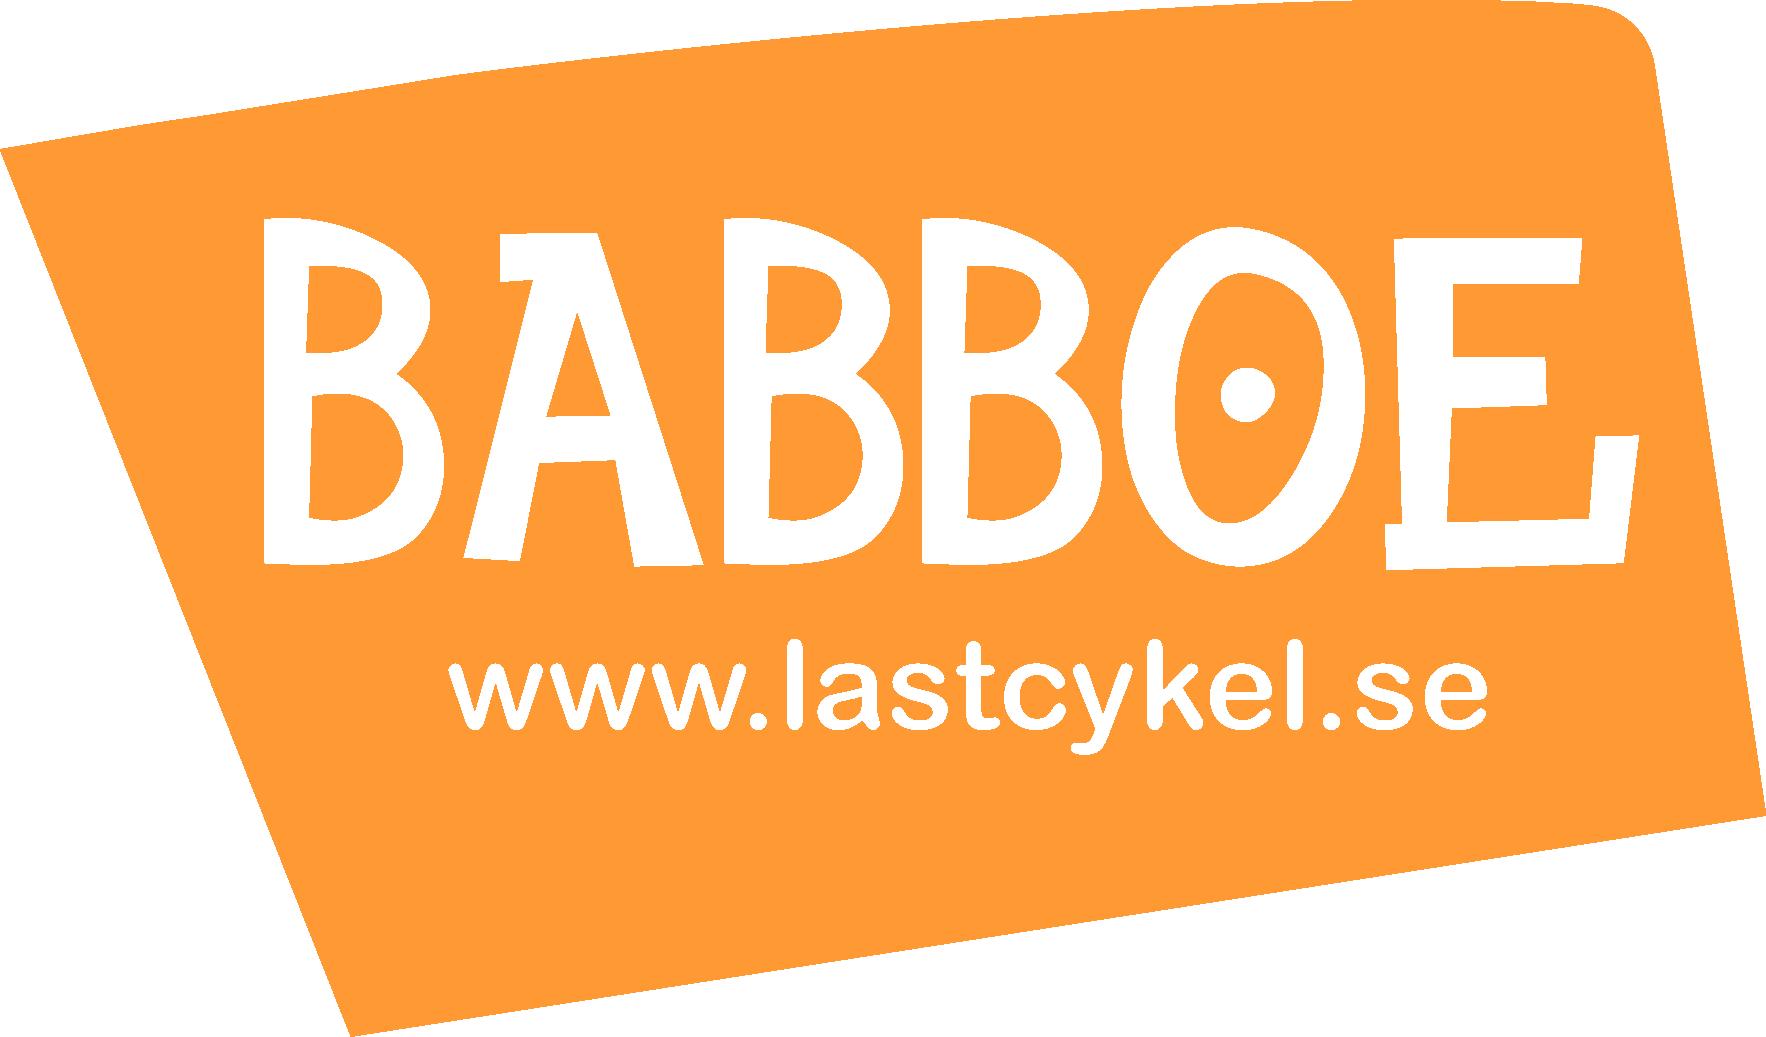 Babboe-logga svensk_webb2